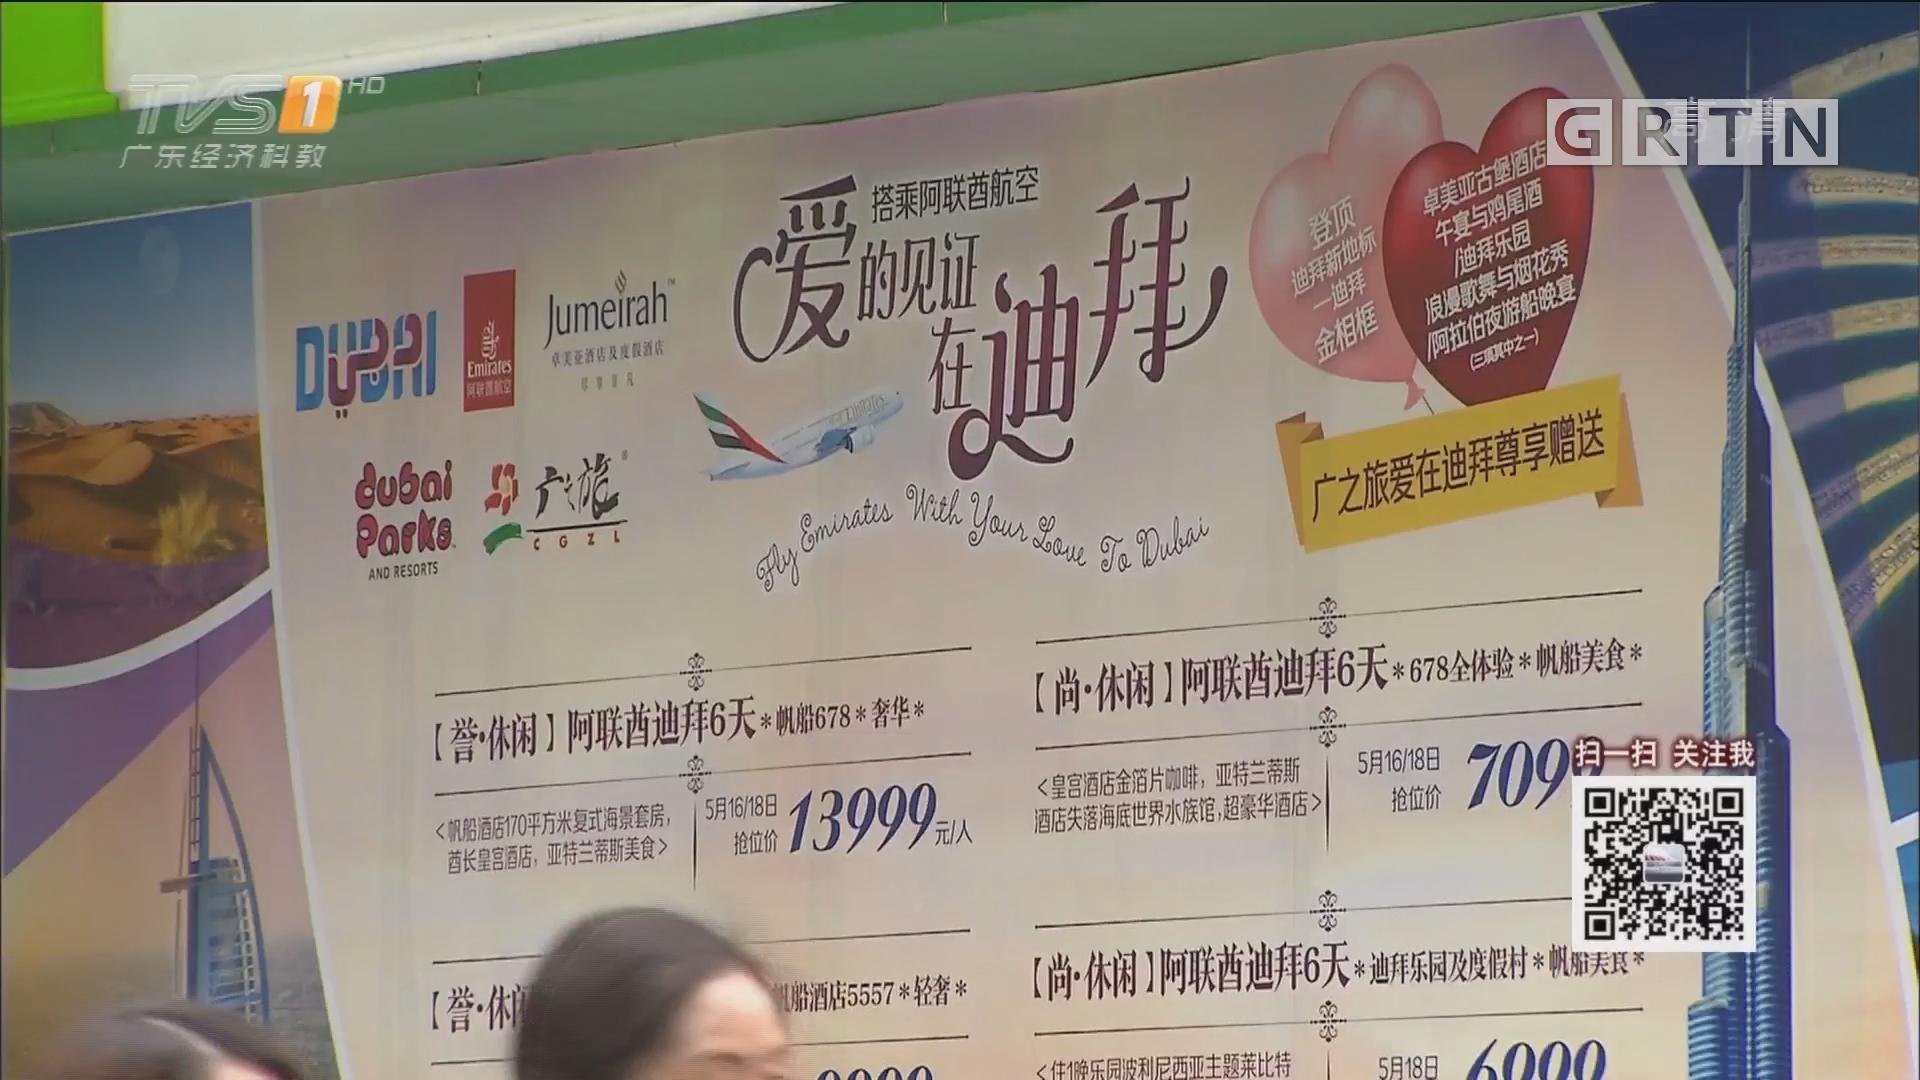 """旅行团内幕调查:低价团恶性竞争 游客成""""商品""""(上)"""